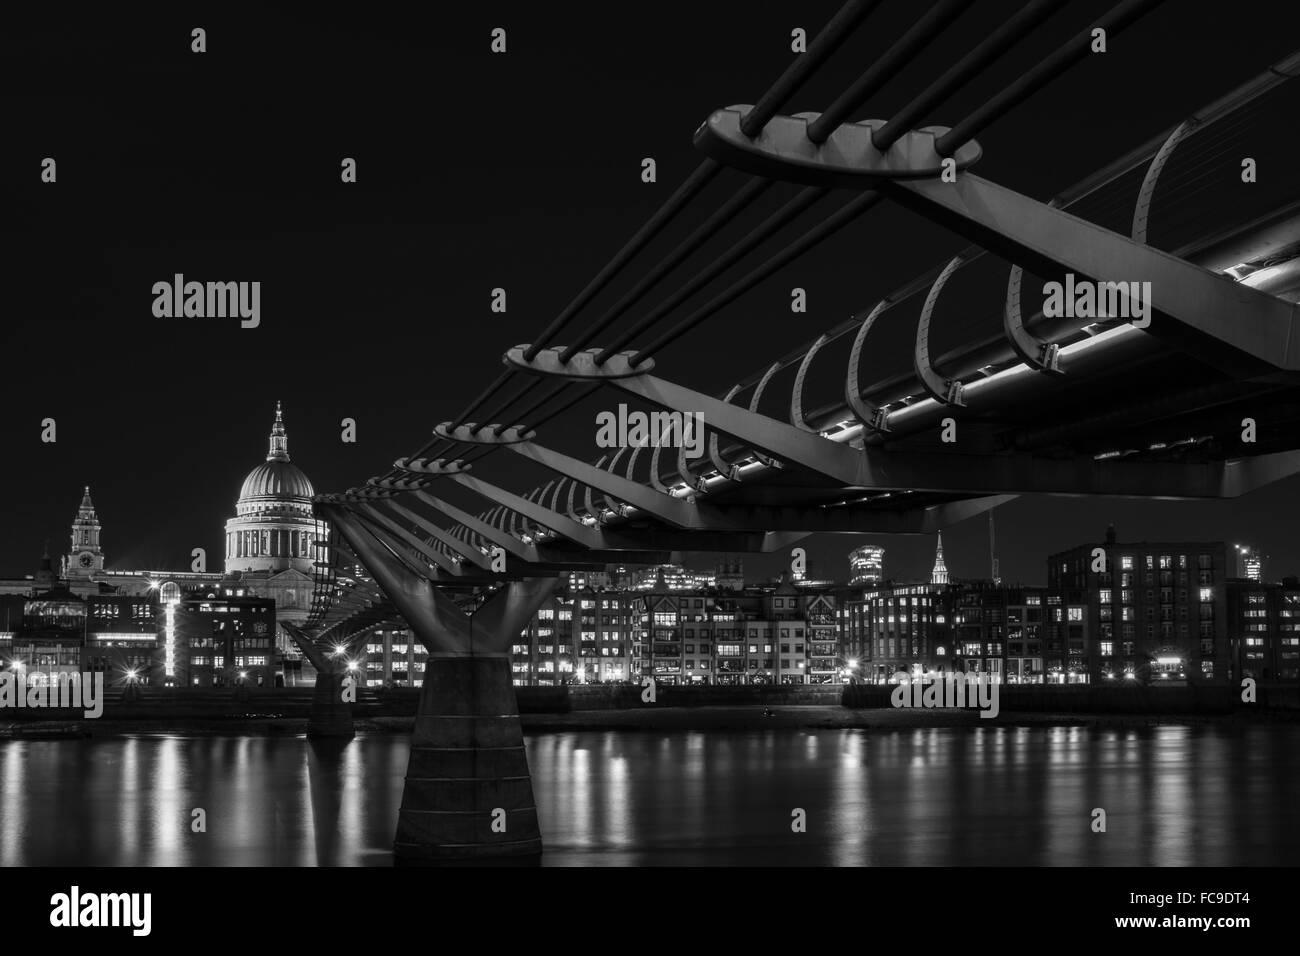 Londres En Blanco y Negro fotografía urbana: paisaje urbano de Millennium Bridge, la Catedral de San Pablo y el río Támesis por la noche. Foto de stock